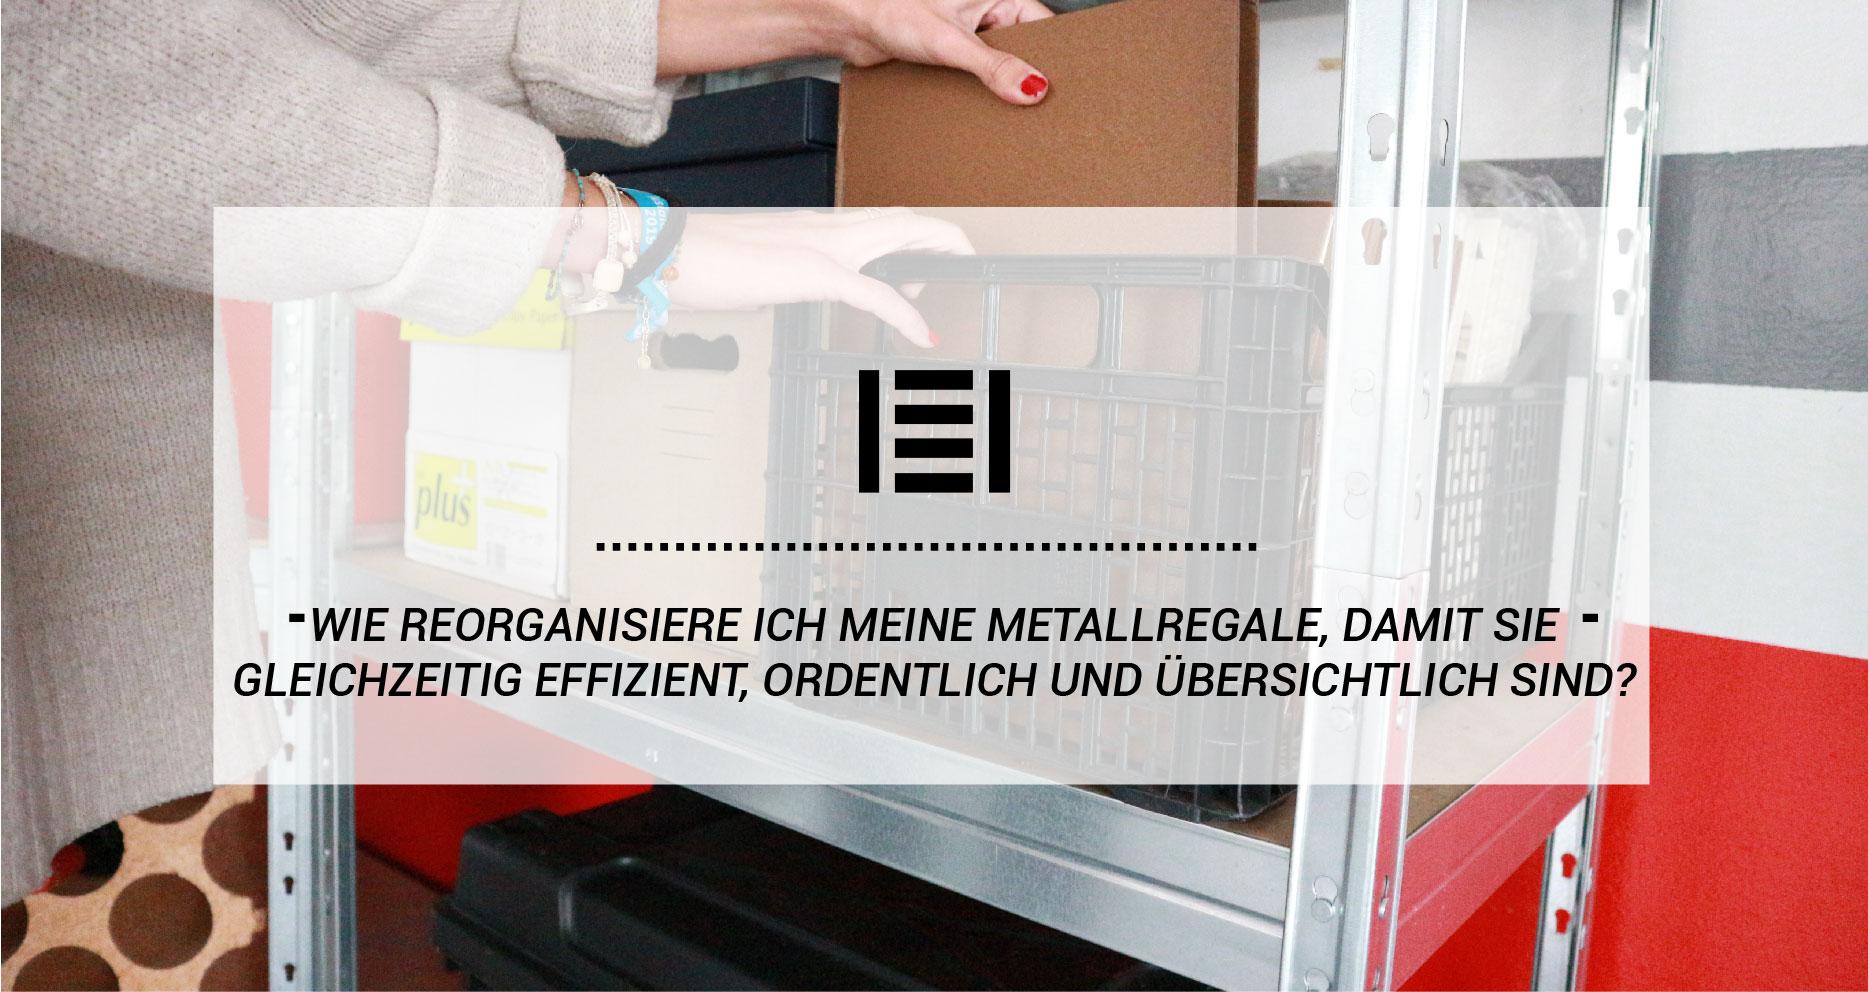 Wie reorganisiere ich meine Metallregale, damit sie gleichzeitig effizient, ordentlich und übersichtlich sind?